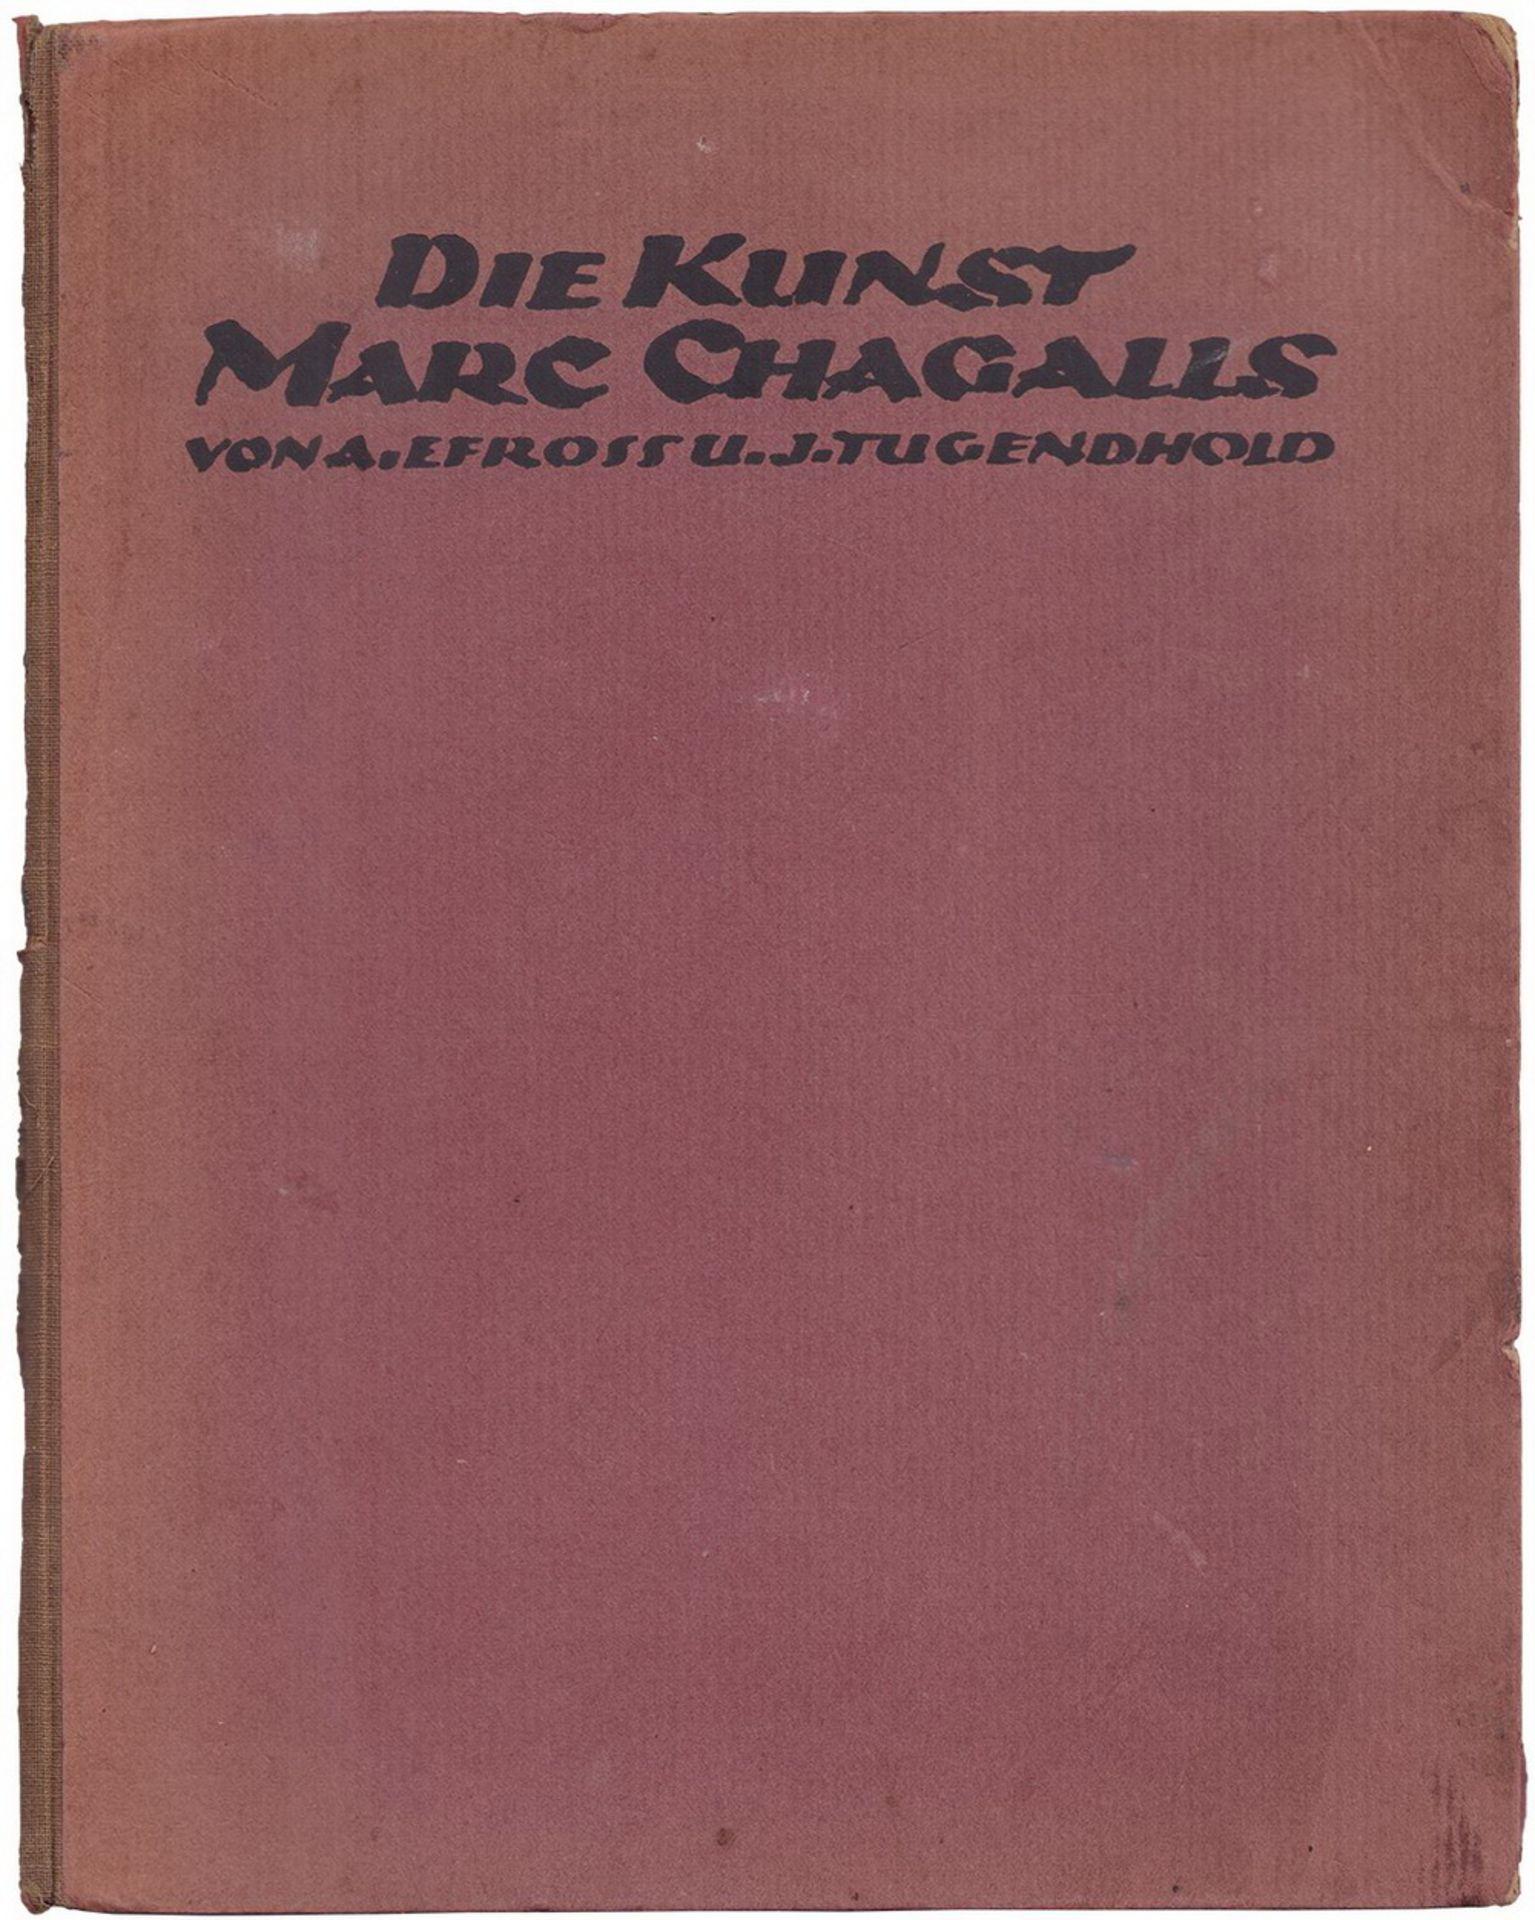 Efross, A., Tugendhold. J. Die Kunst Marc Chagalls, von A. Efross und J. Tugendhold / Autorisierte U